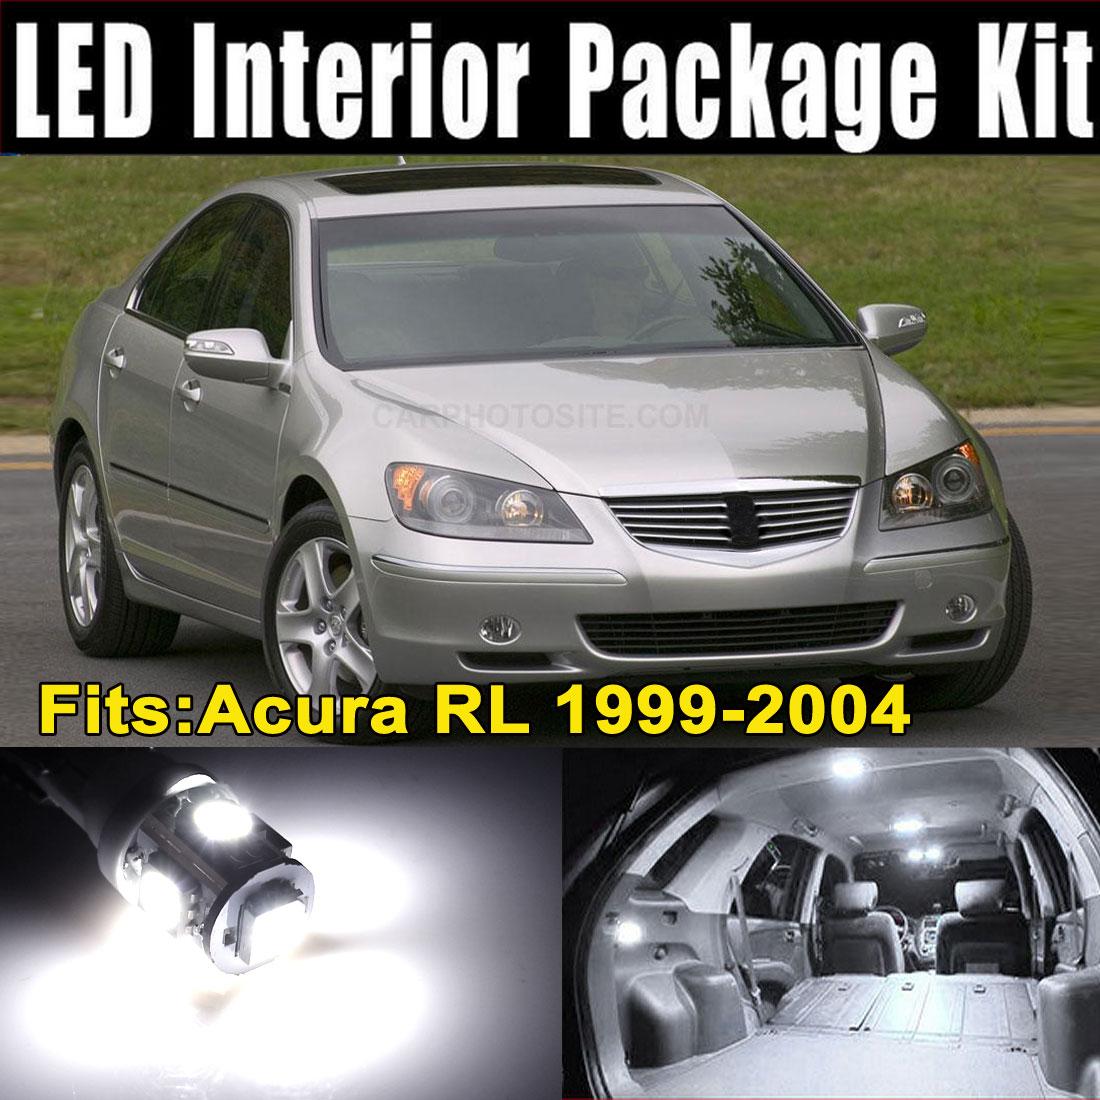 9Pcs White LED Lights (7xT10-5-5050 + 2x31MMx12-3528) Interior Package Kit for Acura RL